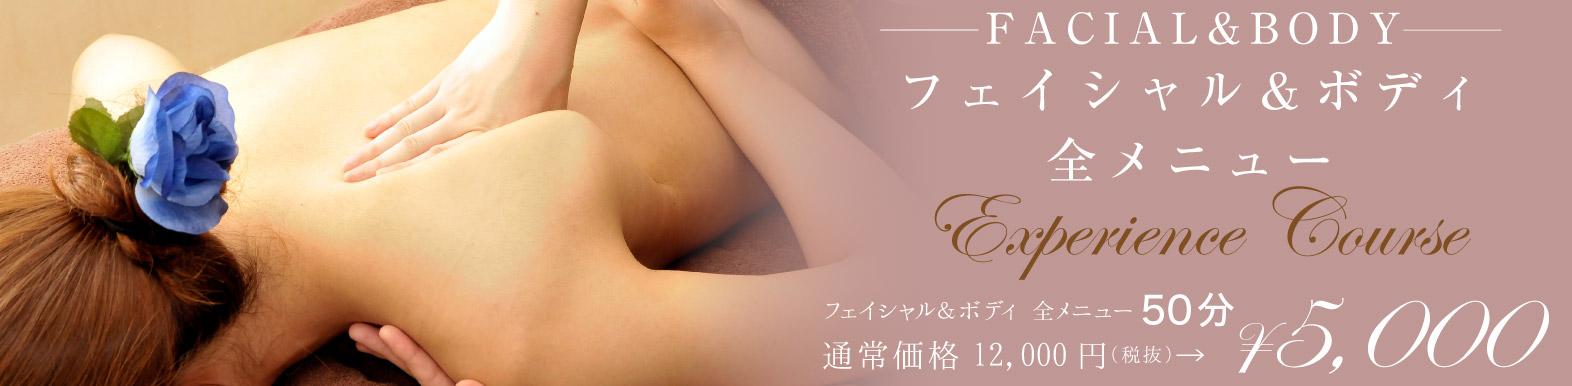 フェイシャル&ボディ全メニュー50分 通常価格12,000円のところ5000円にご利用いただけます。